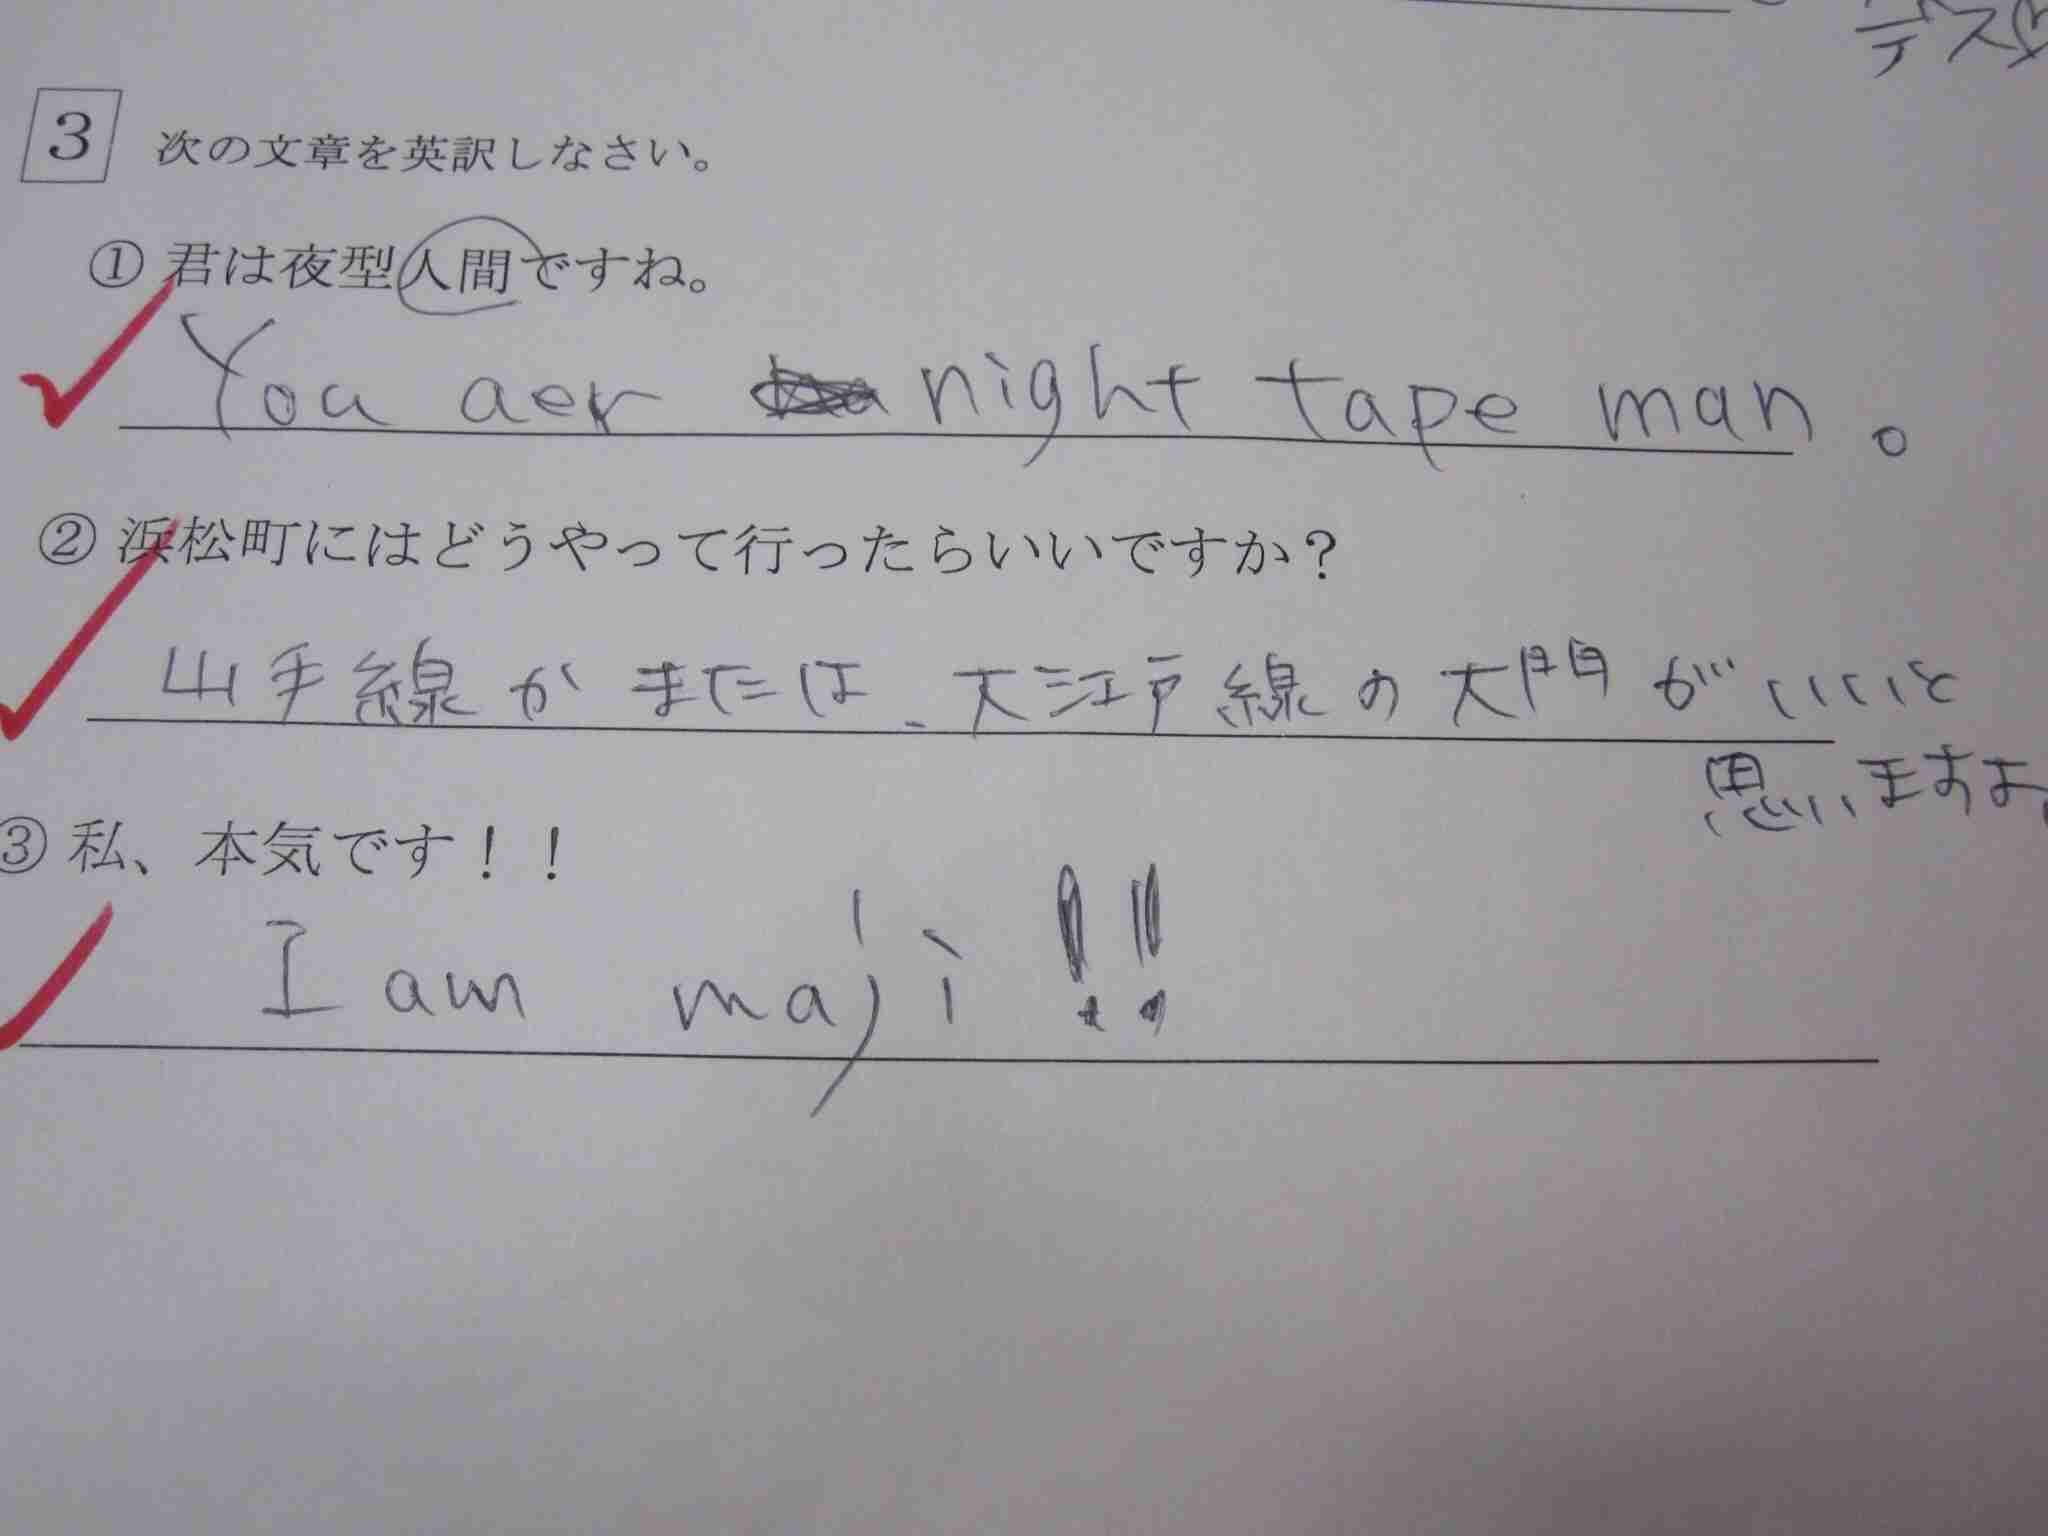 テストでやってしまった珍回答!